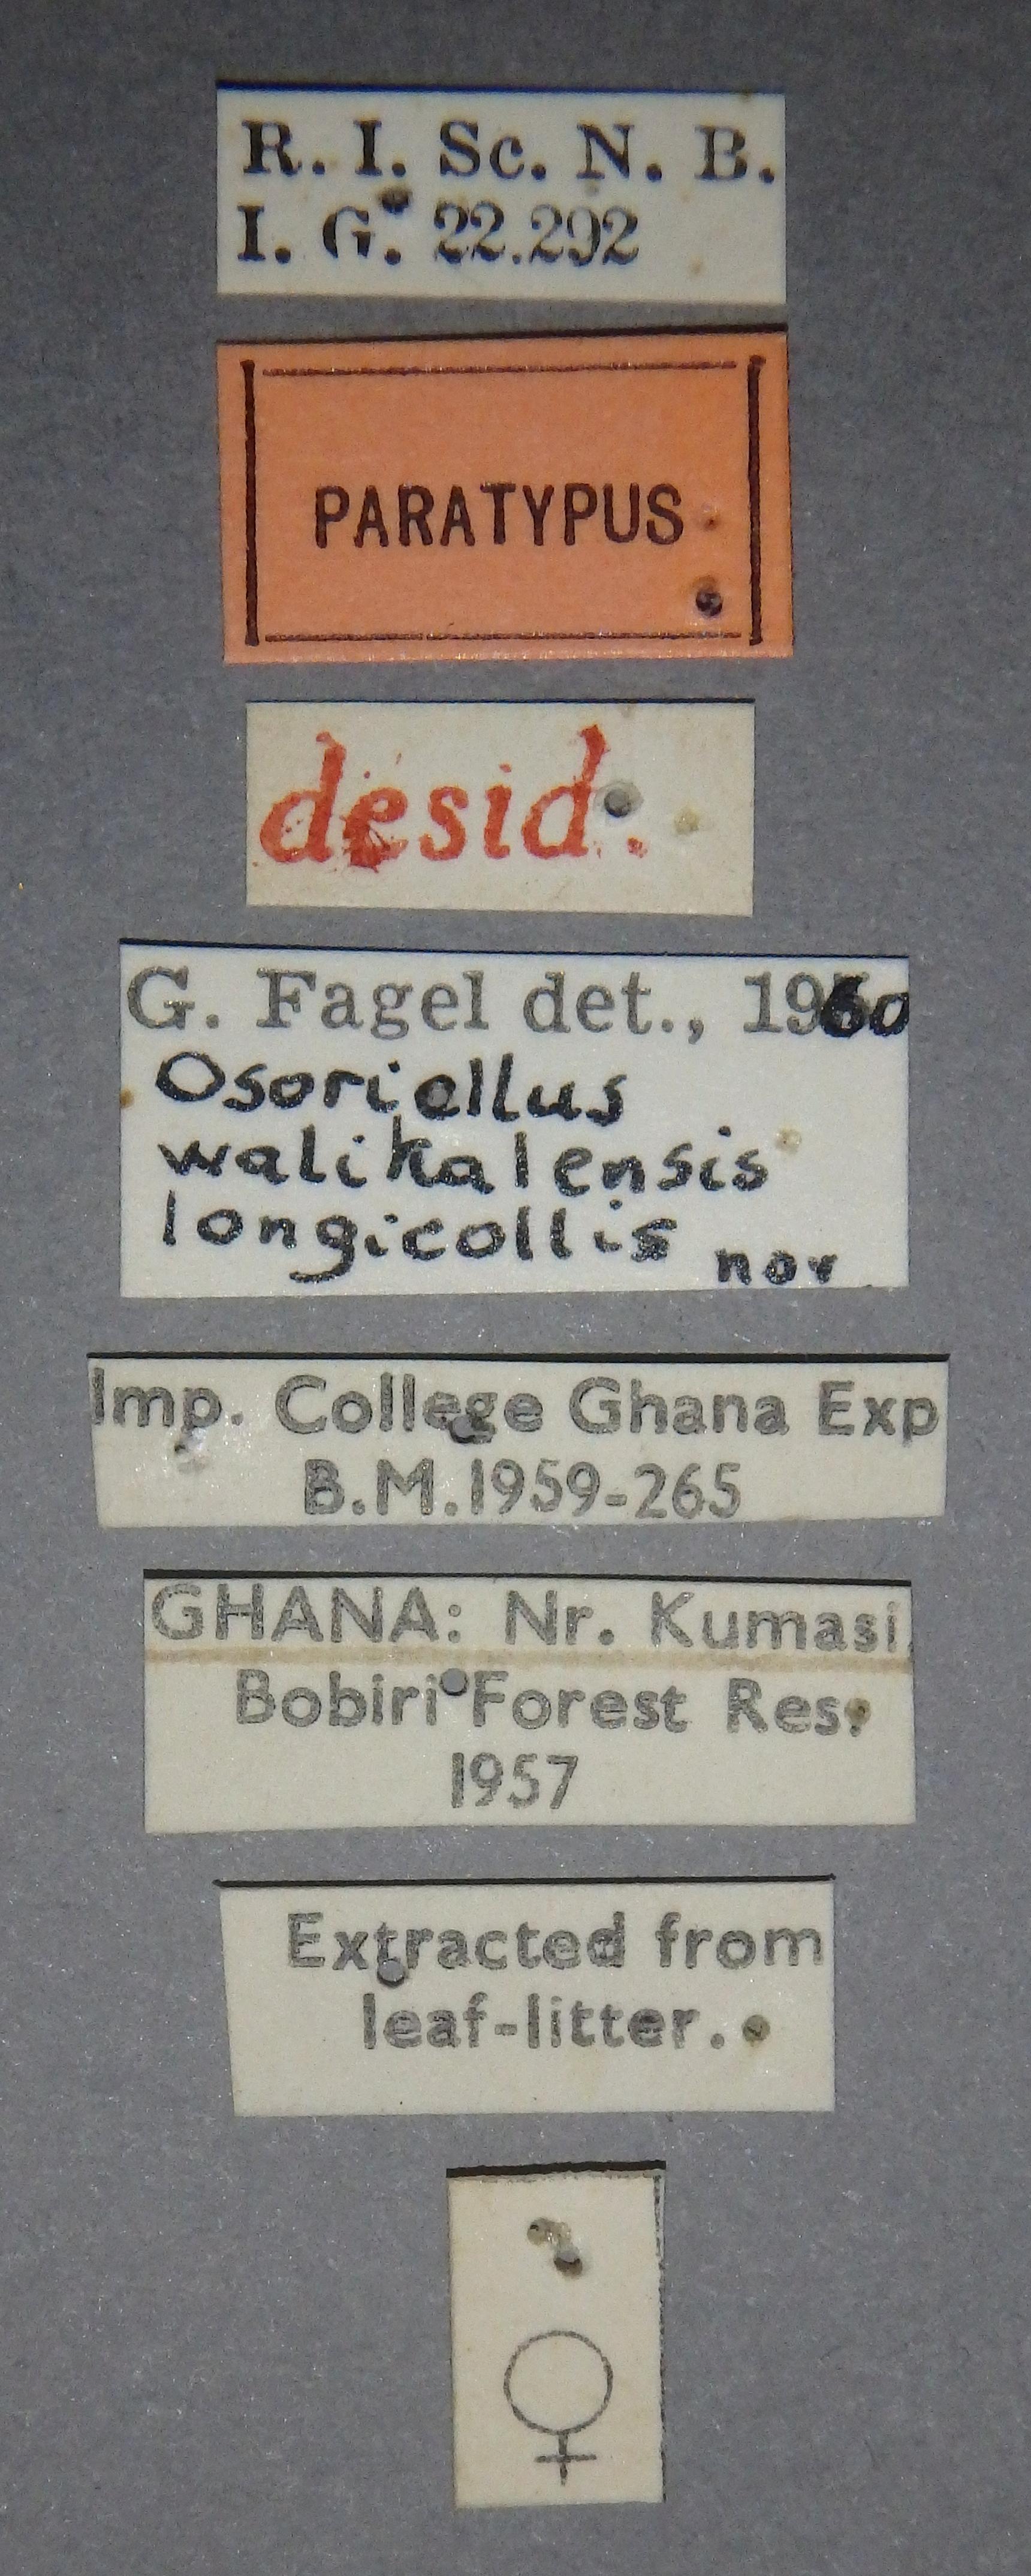 Osoriellus walikalensis longicollis pt Lb.JPG